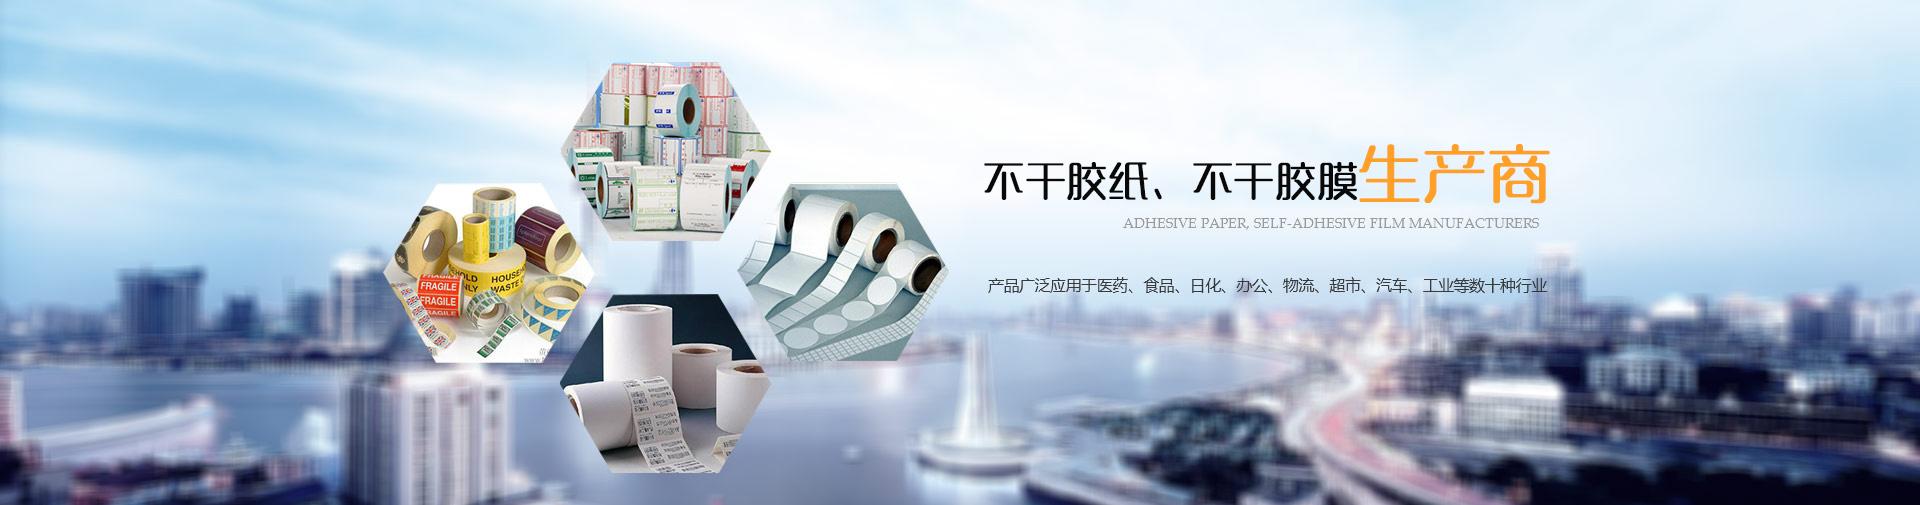 江苏雅斯特实业有限公司